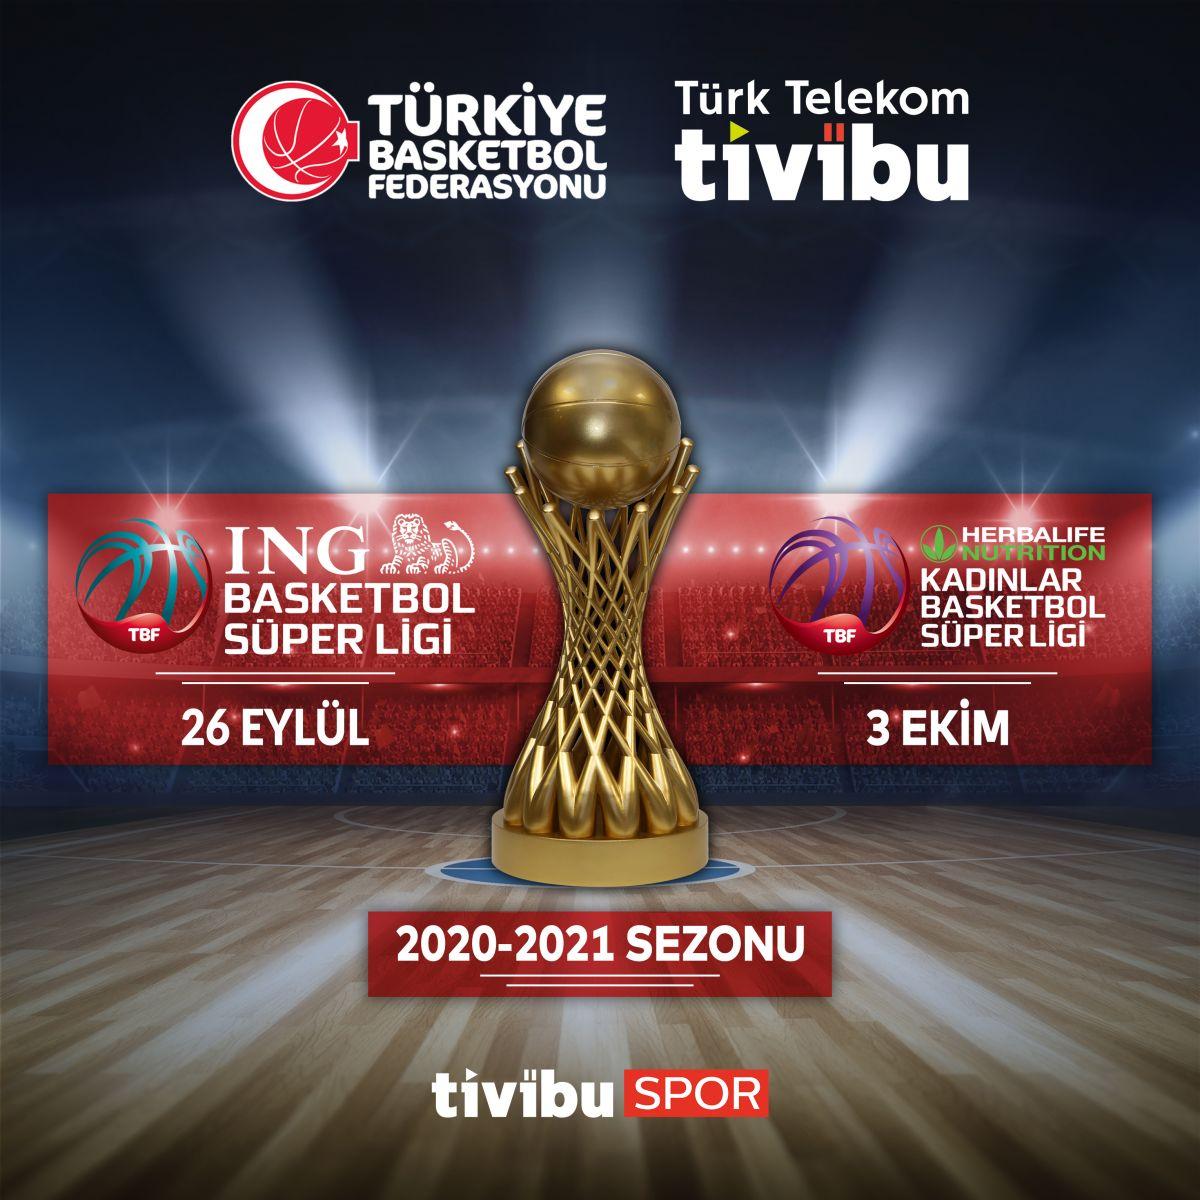 Basketbolun kalbi Tivibu'da atmaya devam edecek